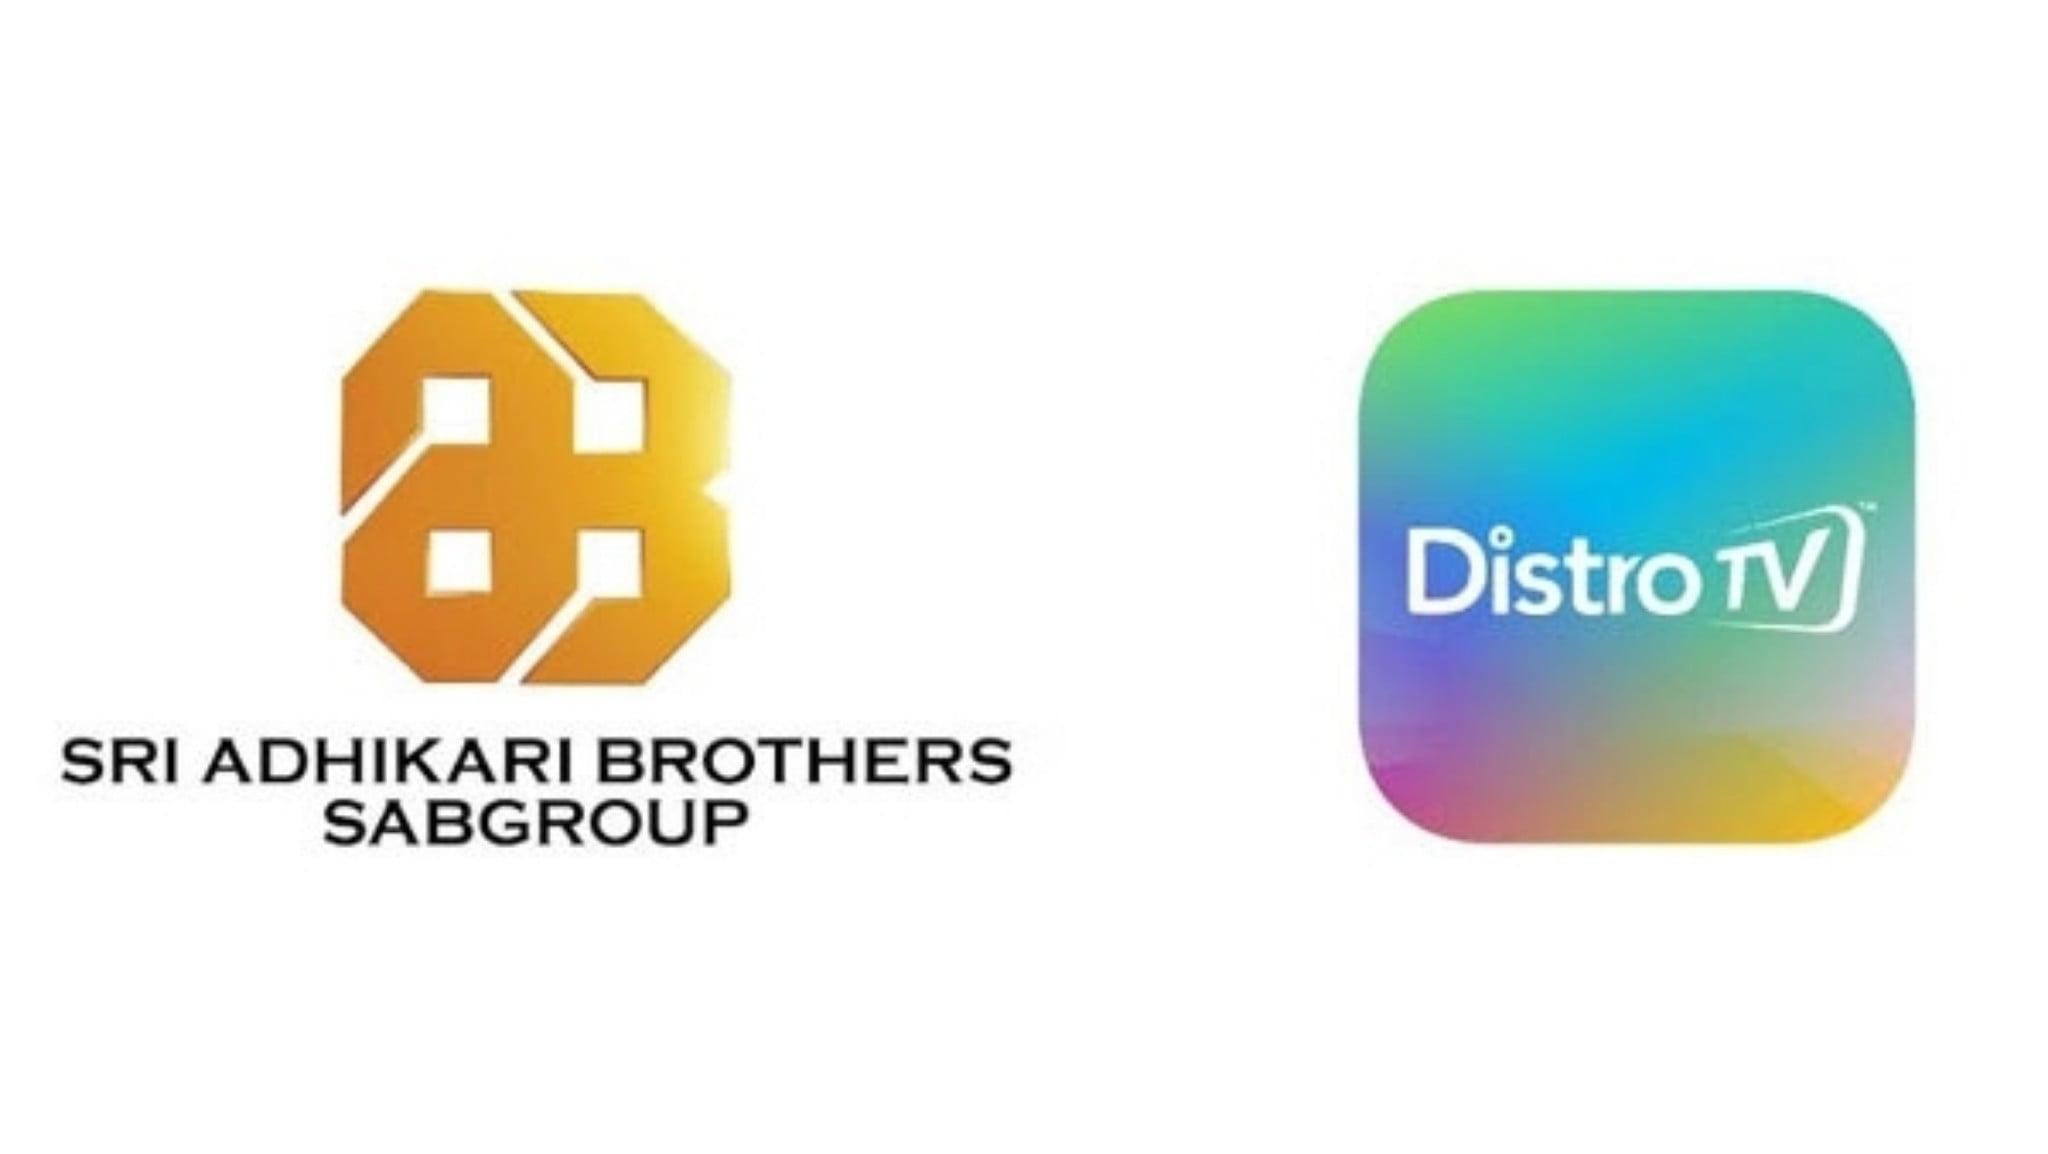 Sab Group DistroTV